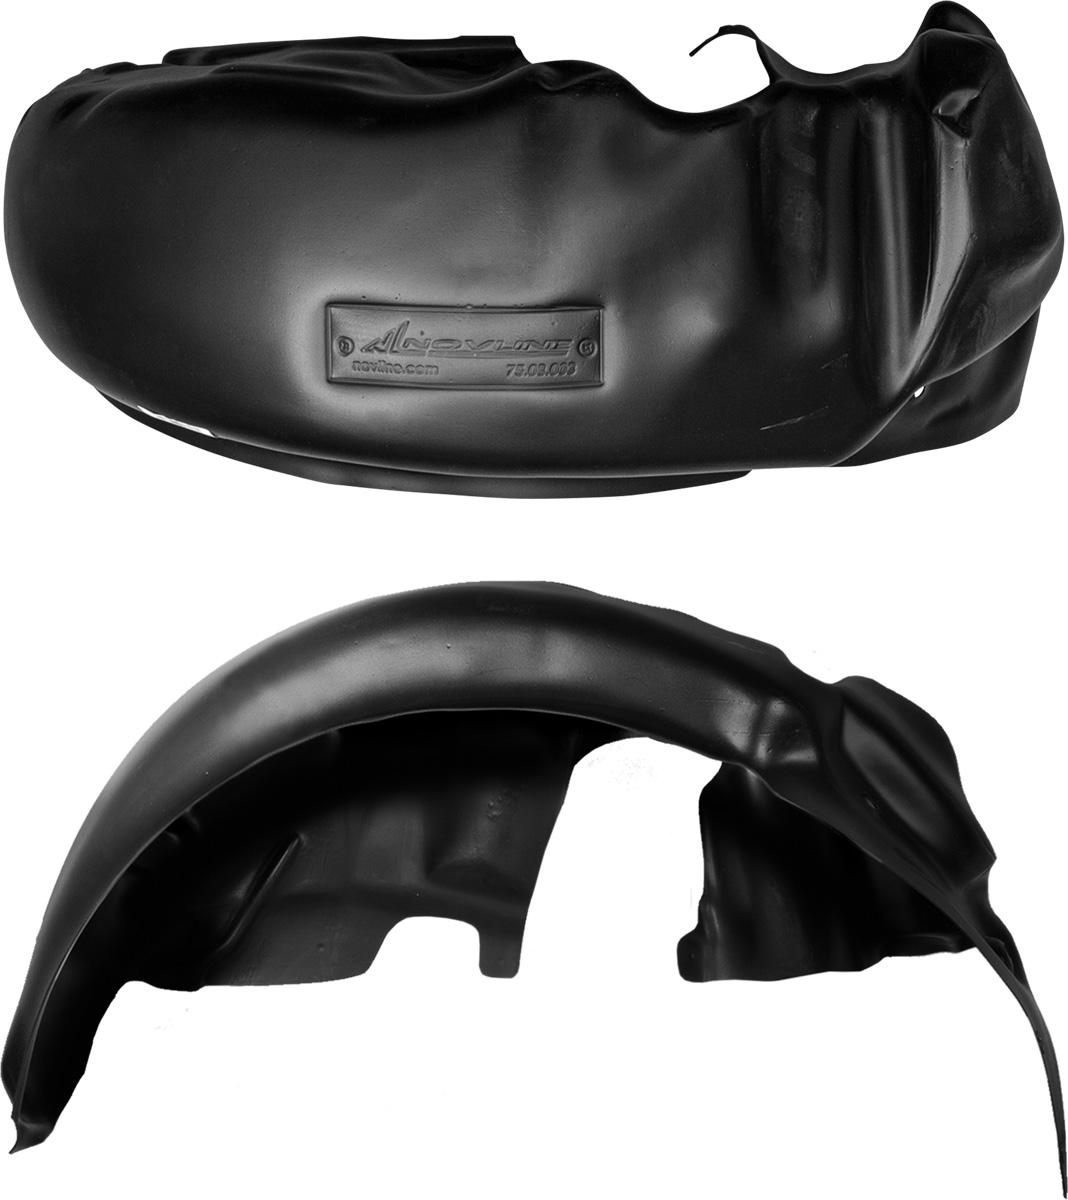 Подкрылок ВАЗ 11183 Kalina 2004-2013, б/б, задний правый4604Колесные ниши – одни из самых уязвимых зон днища вашего автомобиля. Они постоянно подвергаются воздействию со стороны дороги. Лучшая, почти абсолютная защита для них - специально отформованные пластиковые кожухи, которые называются подкрылками, или локерами. Производятся они как для отечественных моделей автомобилей, так и для иномарок. Подкрылки выполнены из высококачественного, экологически чистого пластика. Обеспечивают надежную защиту кузова автомобиля от пескоструйного эффекта и негативного влияния, агрессивных антигололедных реагентов. Пластик обладает более низкой теплопроводностью, чем металл, поэтому в зимний период эксплуатации использование пластиковых подкрылков позволяет лучше защитить колесные ниши от налипания снега и образования наледи. Оригинальность конструкции подчеркивает элегантность автомобиля, бережно защищает нанесенное на днище кузова антикоррозийное покрытие и позволяет осуществить крепление подкрылков внутри колесной арки практически без дополнительного крепежа и сверления, не нарушая при этом лакокрасочного покрытия, что предотвращает возникновение новых очагов коррозии. Технология крепления подкрылков на иномарки принципиально отличается от крепления на российские автомобили и разрабатывается индивидуально для каждой модели автомобиля. Подкрылки долговечны, обладают высокой прочностью и сохраняют заданную форму, а также все свои физико-механические характеристики в самых тяжелых климатических условиях ( от -50° С до + 50° С).